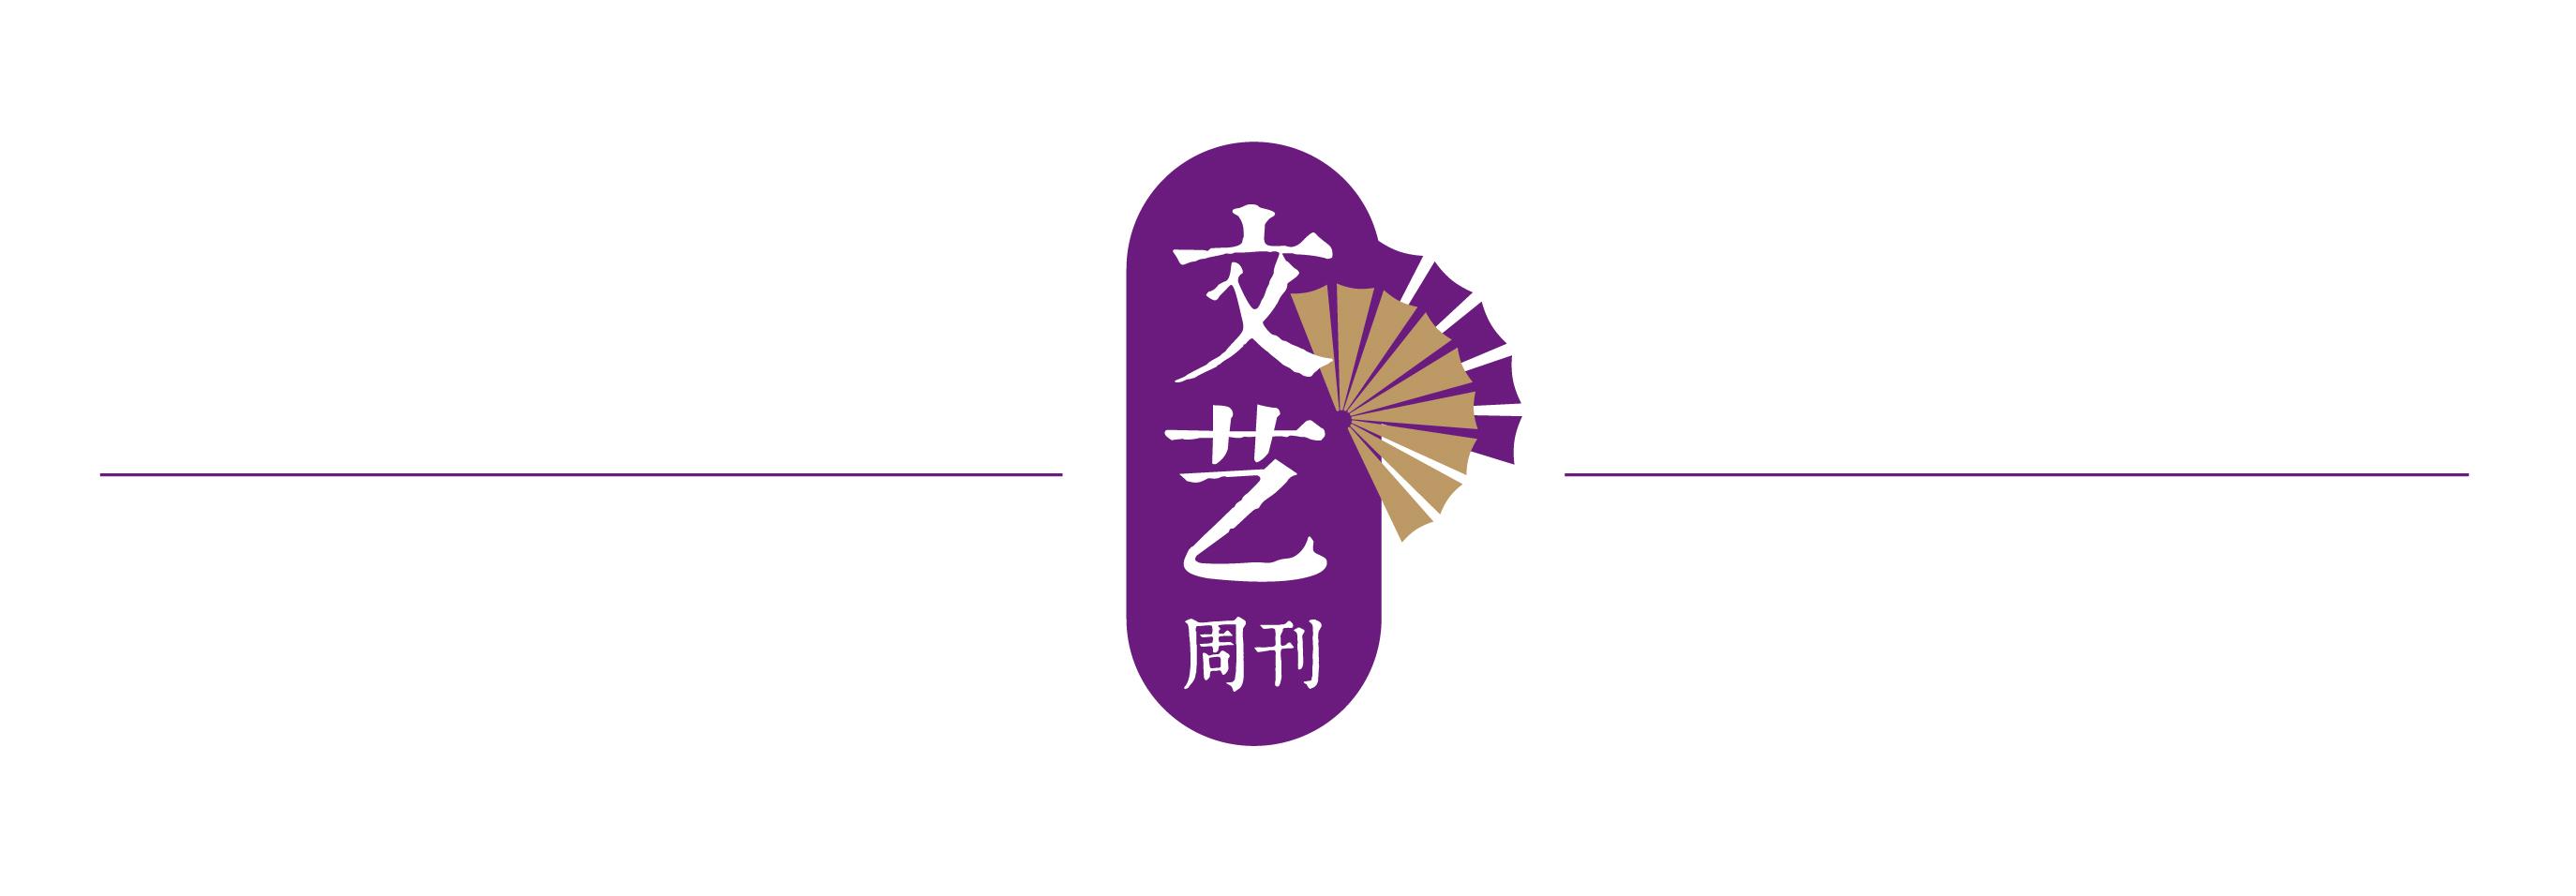 http://www.k2summit.cn/guonaxinwen/1565973.html